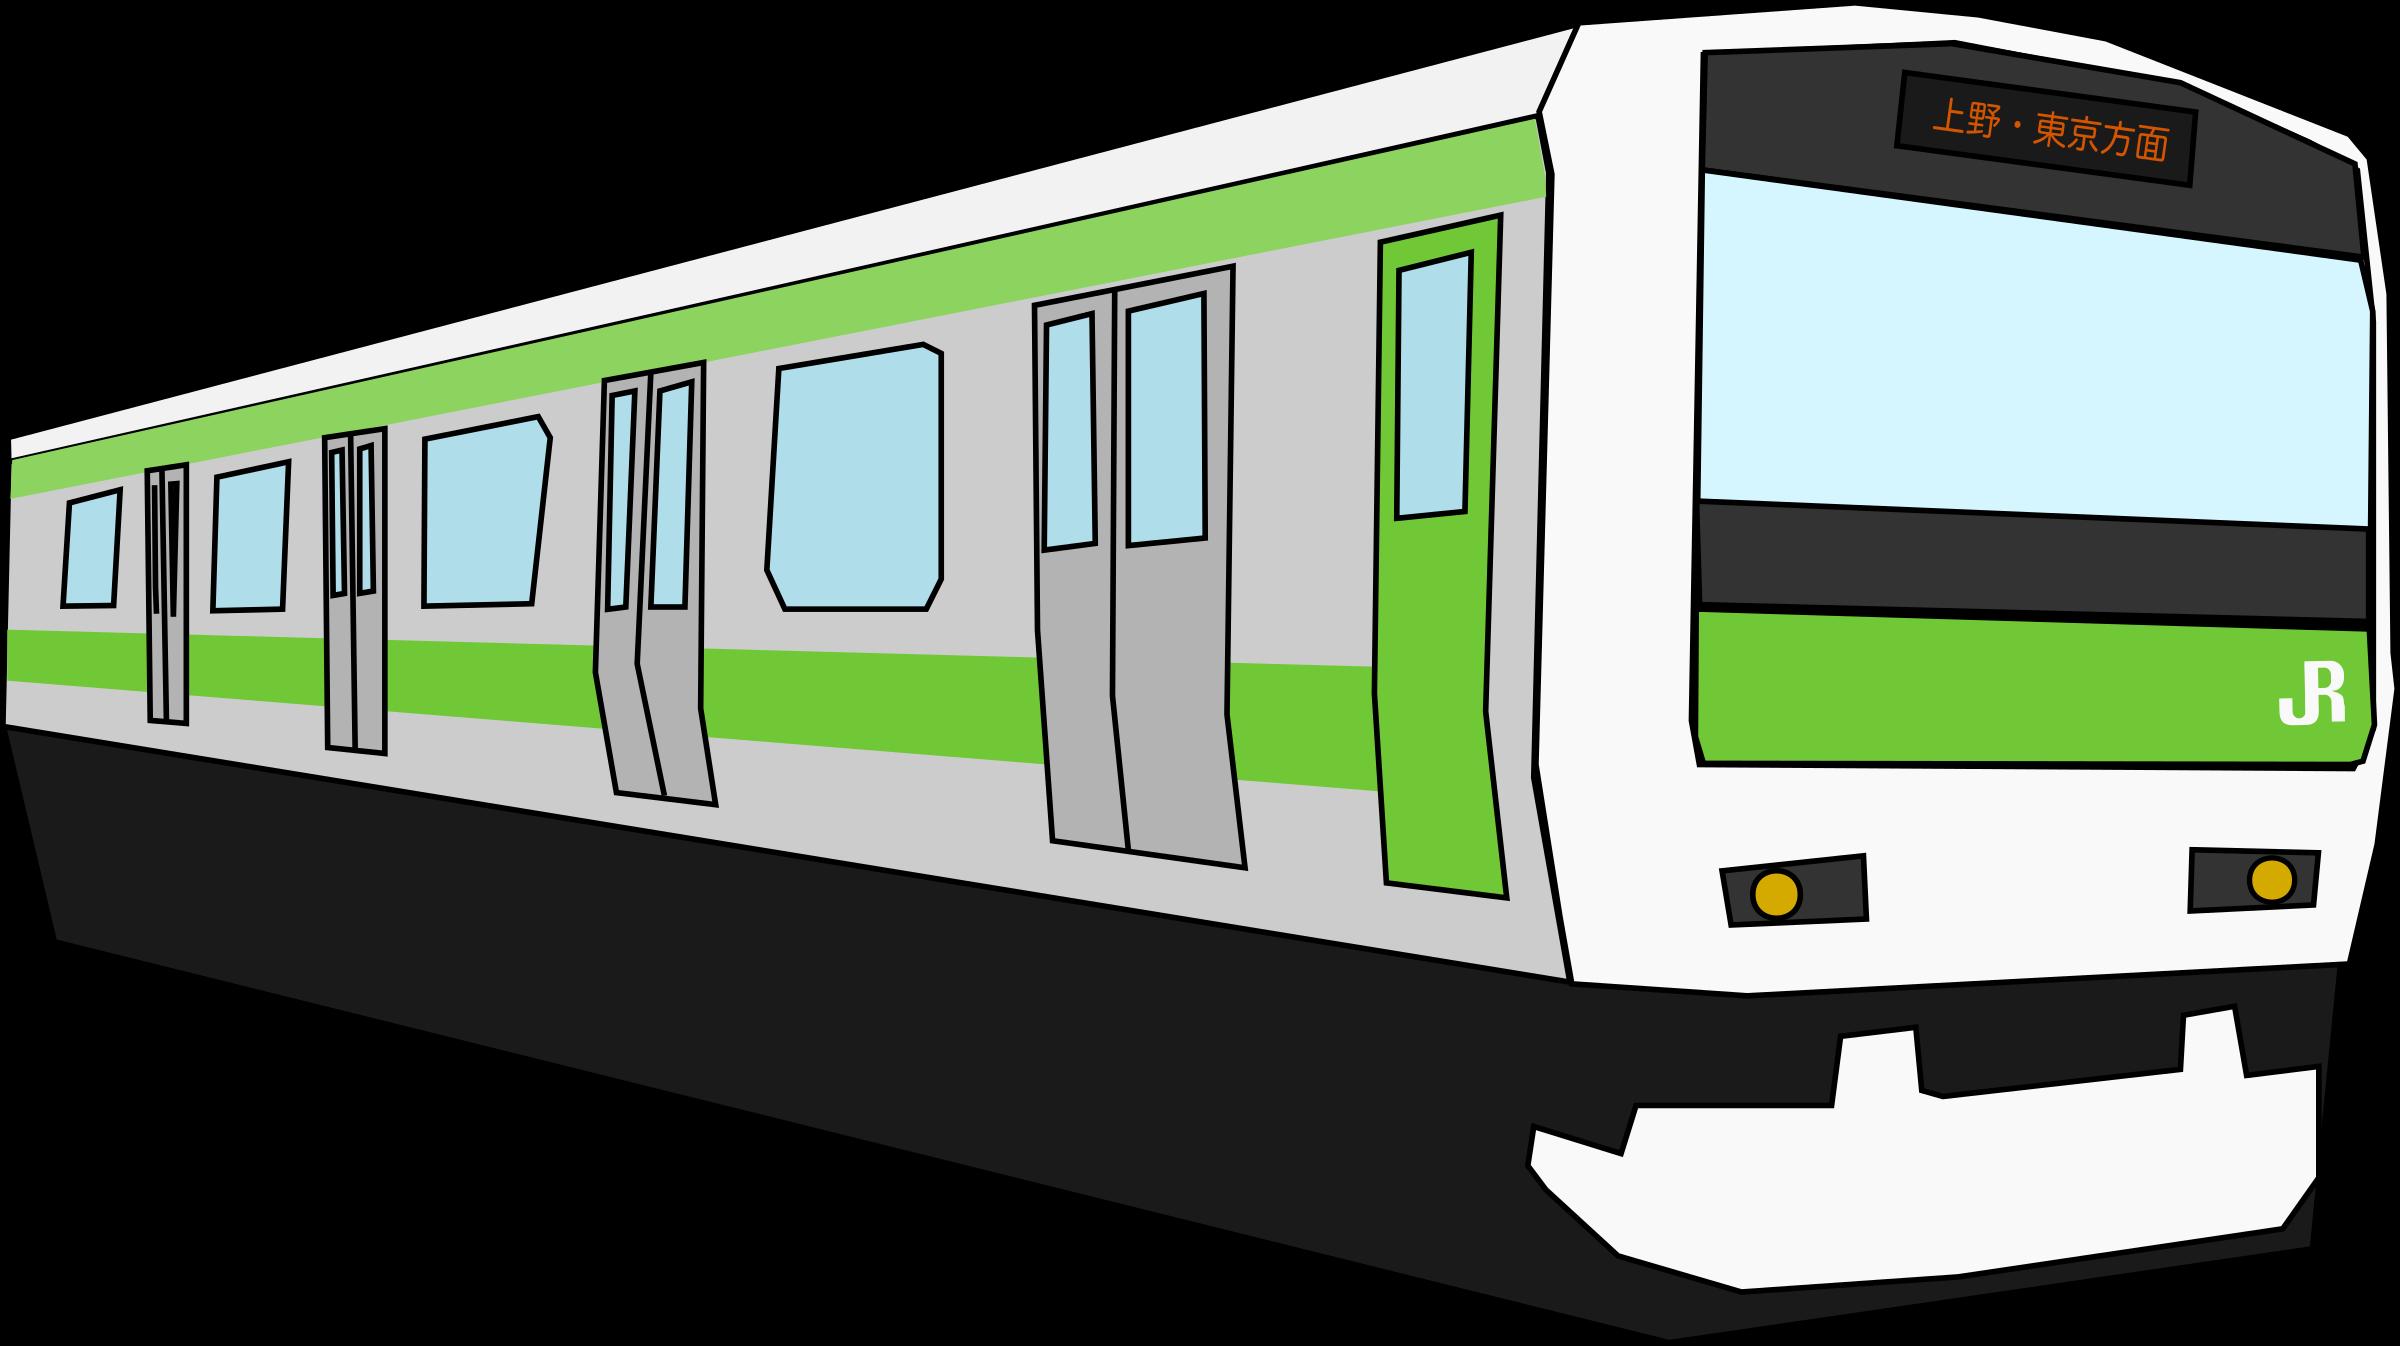 Clipart jr train.